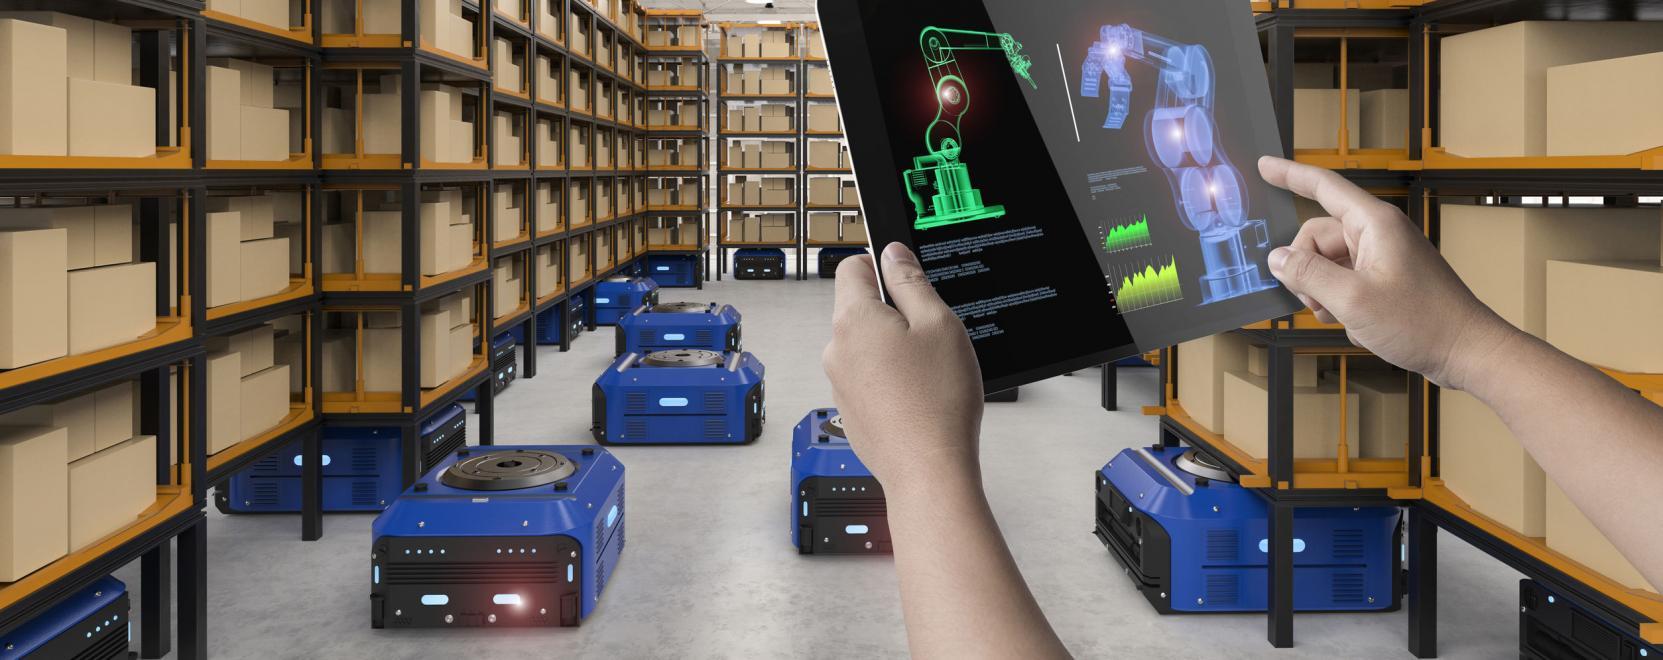 IoT Zóna - logisztika - Újabb robotikai központot nyit az Amazon